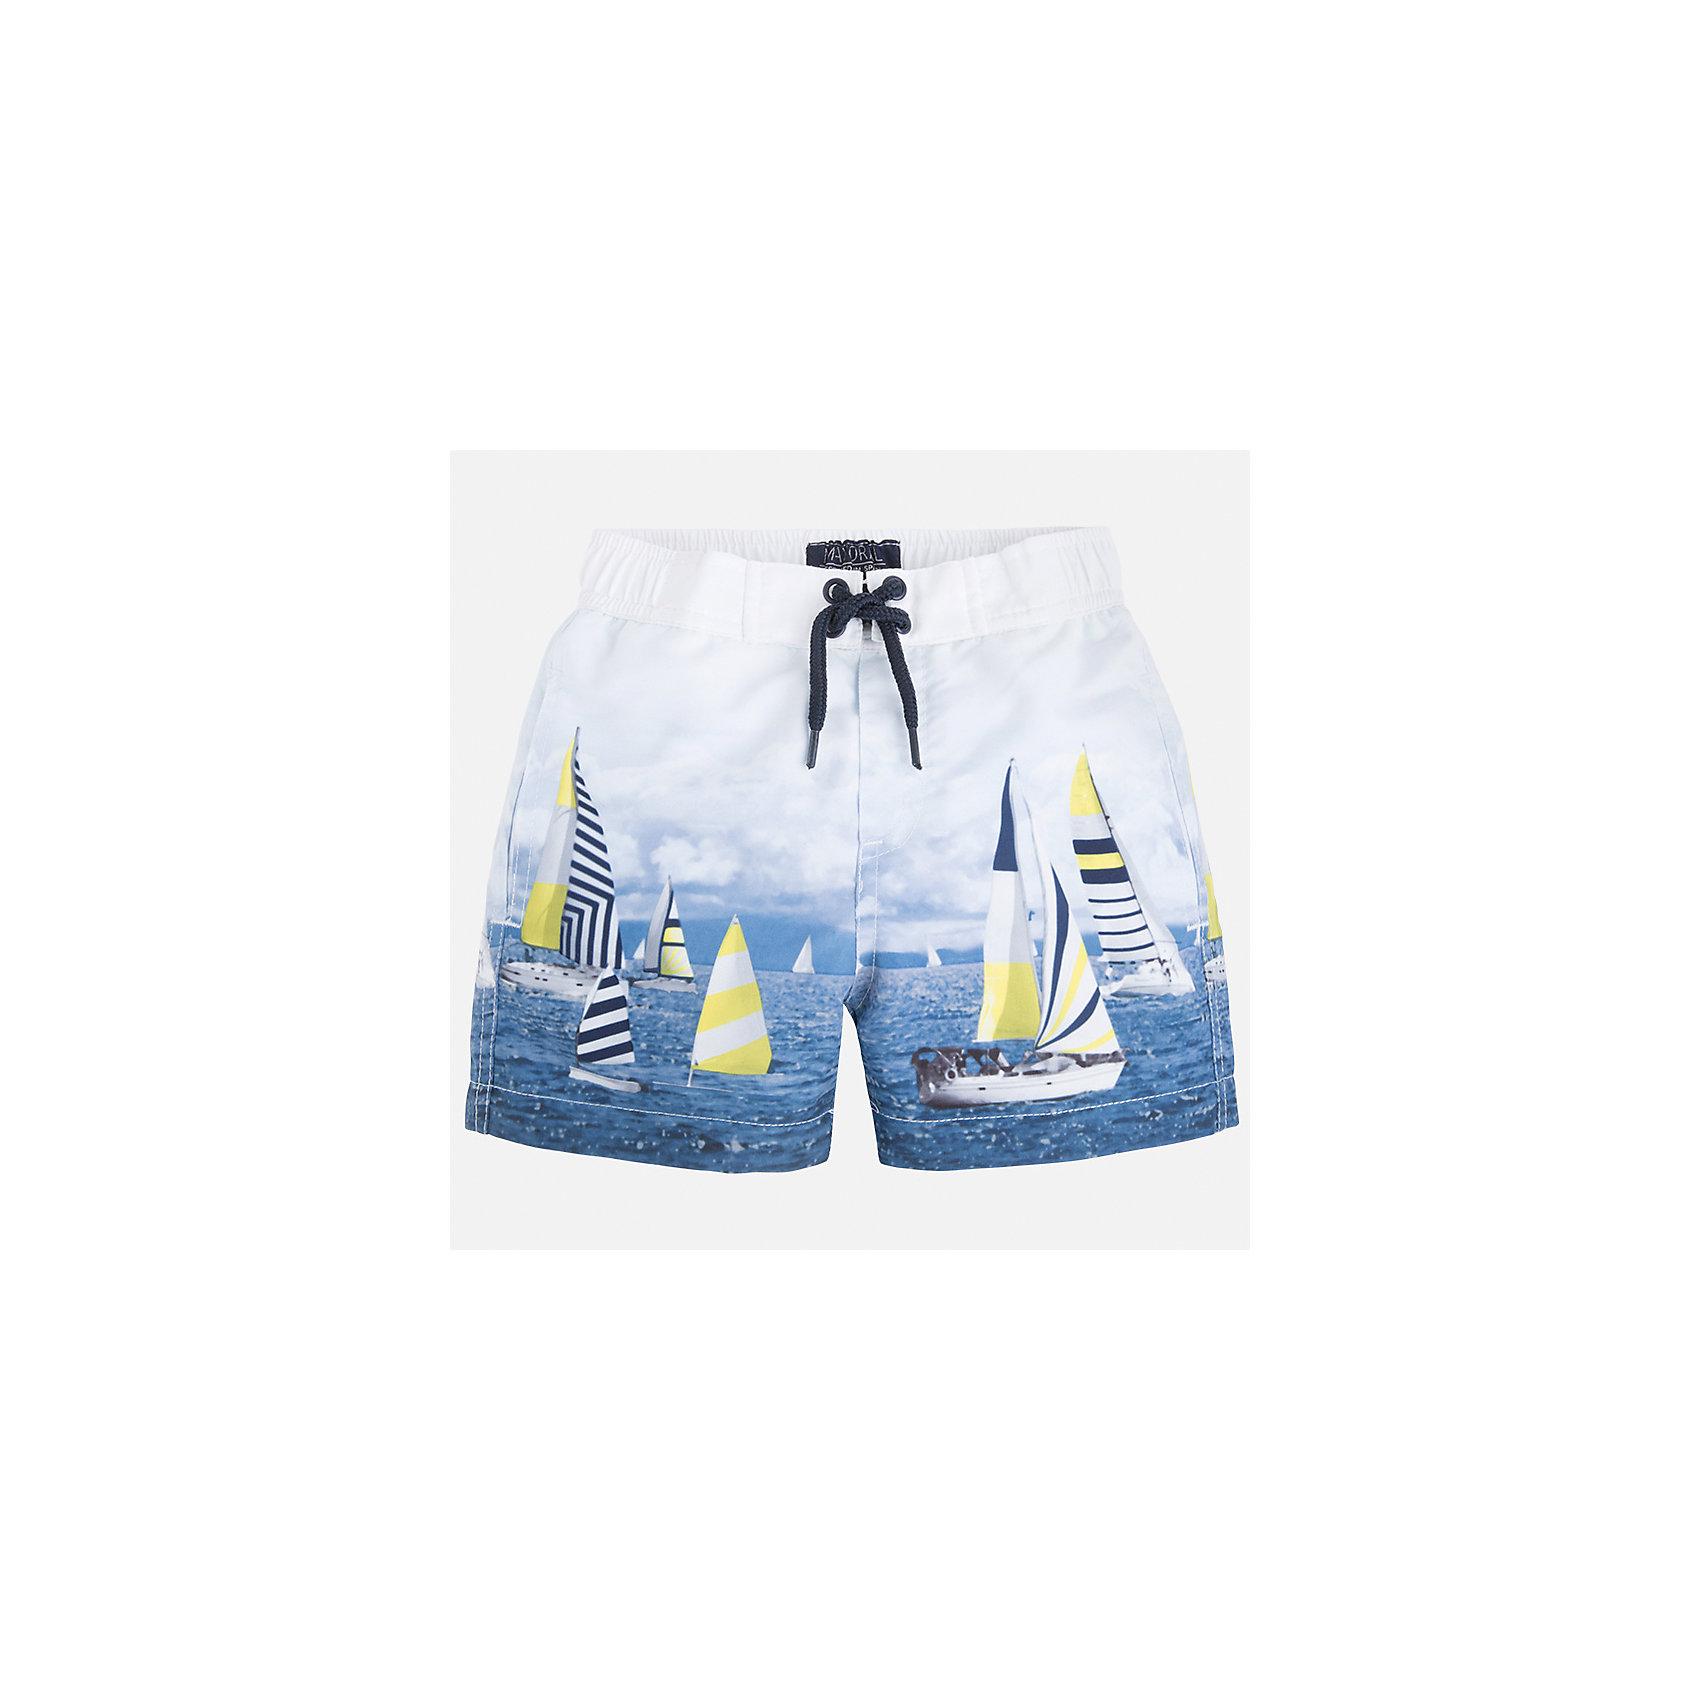 Шорты-плавки для мальчика MayoralЛови волну<br>Характеристики товара:<br><br>• цвет: мультиколор<br>• состав: 100% полиэстер, подкладка - 100% полиэстер<br>• принт на ткани<br>• пояс со шнурком<br>• с подкладкой<br>• быстросохнущий материал<br>• страна бренда: Испания<br><br>Одежда для купания должна быть удобной! Эти плавательные шорты для мальчика не только хорошо сидят на ребенке, не стесняя движения и не натирая, они отлично смотрятся! Сшиты они из плотной ткани, но она очень быстро высыхает. Интересная расцветка модели делает её нарядной и оригинальной. <br><br>Одежда, обувь и аксессуары от испанского бренда Mayoral полюбились детям и взрослым по всему миру. Модели этой марки - стильные и удобные. Для их производства используются только безопасные, качественные материалы и фурнитура. Порадуйте ребенка модными и красивыми вещами от Mayoral! <br><br>Плавки для мальчика от испанского бренда Mayoral (Майорал) можно купить в нашем интернет-магазине.<br><br>Ширина мм: 183<br>Глубина мм: 60<br>Высота мм: 135<br>Вес г: 119<br>Цвет: голубой<br>Возраст от месяцев: 72<br>Возраст до месяцев: 84<br>Пол: Мужской<br>Возраст: Детский<br>Размер: 122,134,92,116,128,98,110,104<br>SKU: 5281144